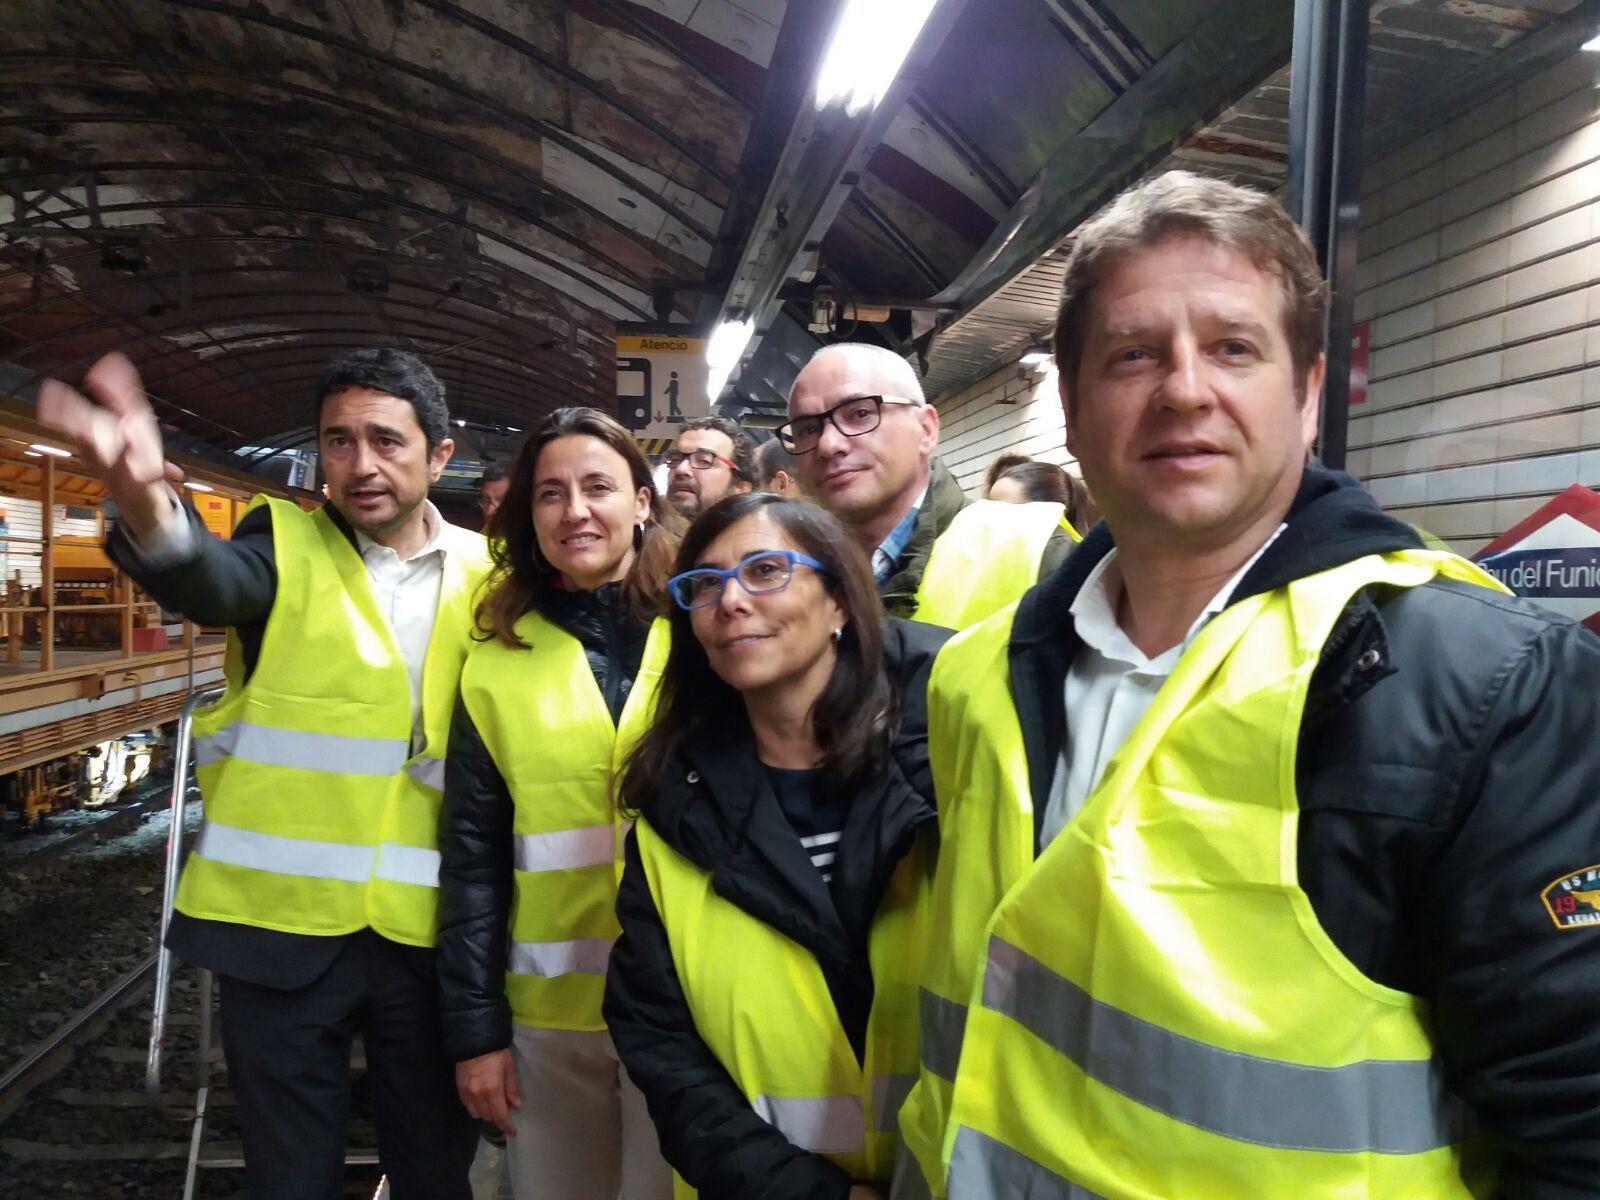 El tinent d'alcalde d'Urbanisme, Damià Calvet, l'alcaldessa, Mercè Conesa, la tinent d'alcalde de Mobilitat, Cristina Paraira i el tinent d'alcalde d'Ocupació, Pere Soler FOTO: Cedida